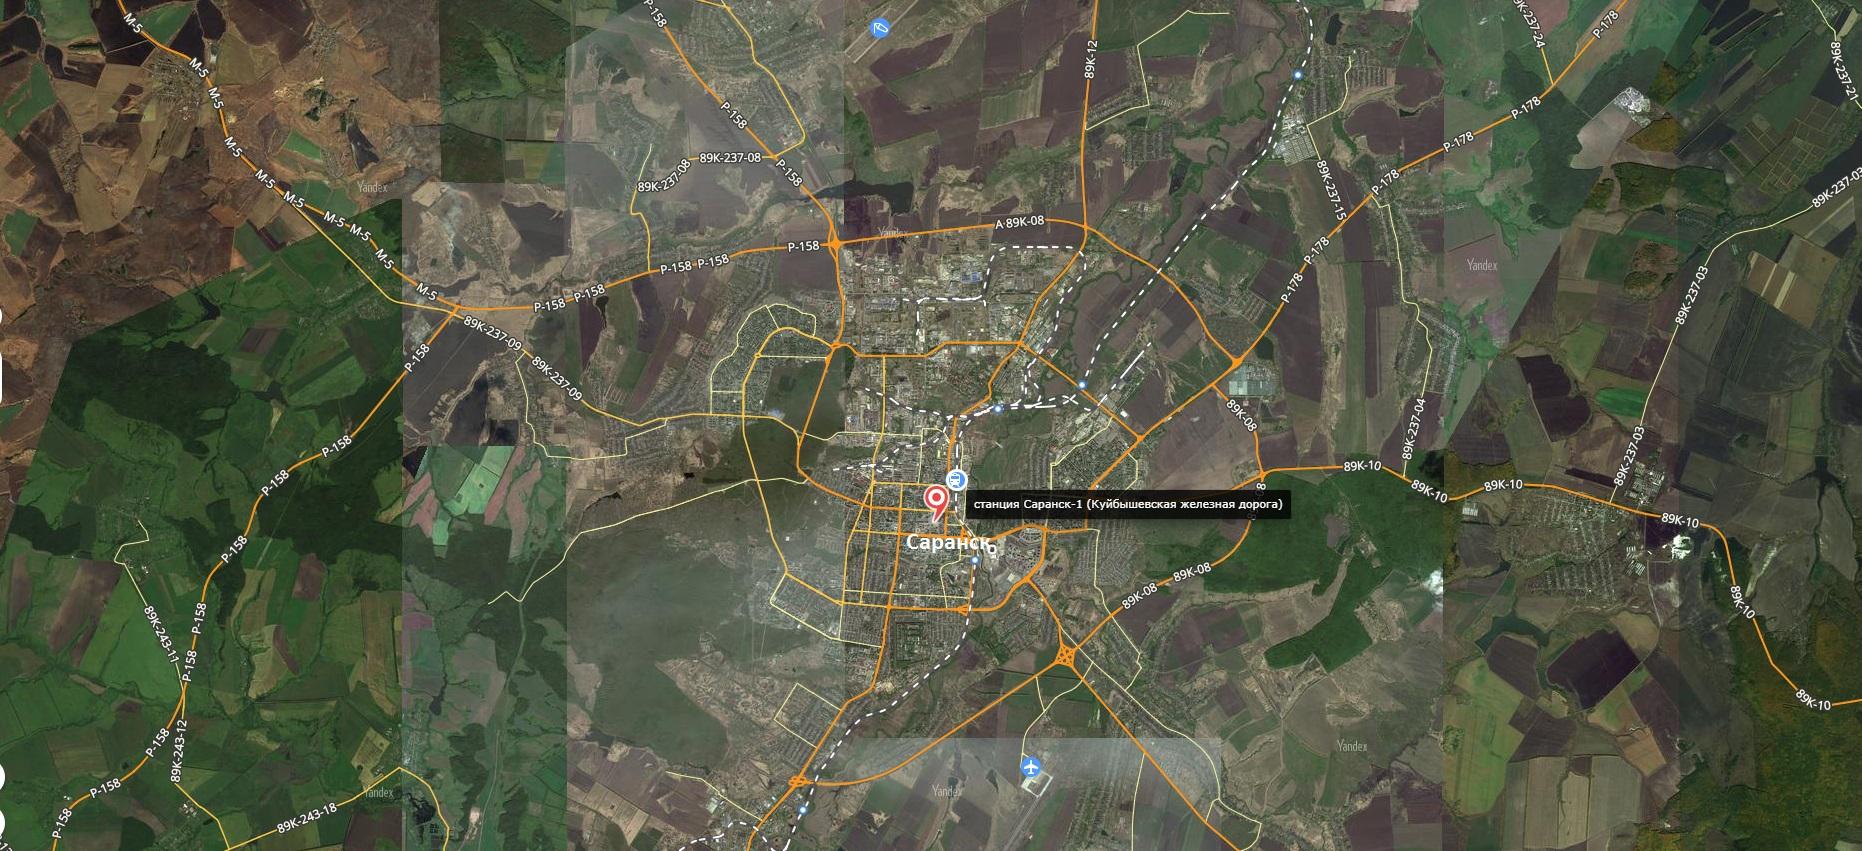 Карта города Саранск с дорогами